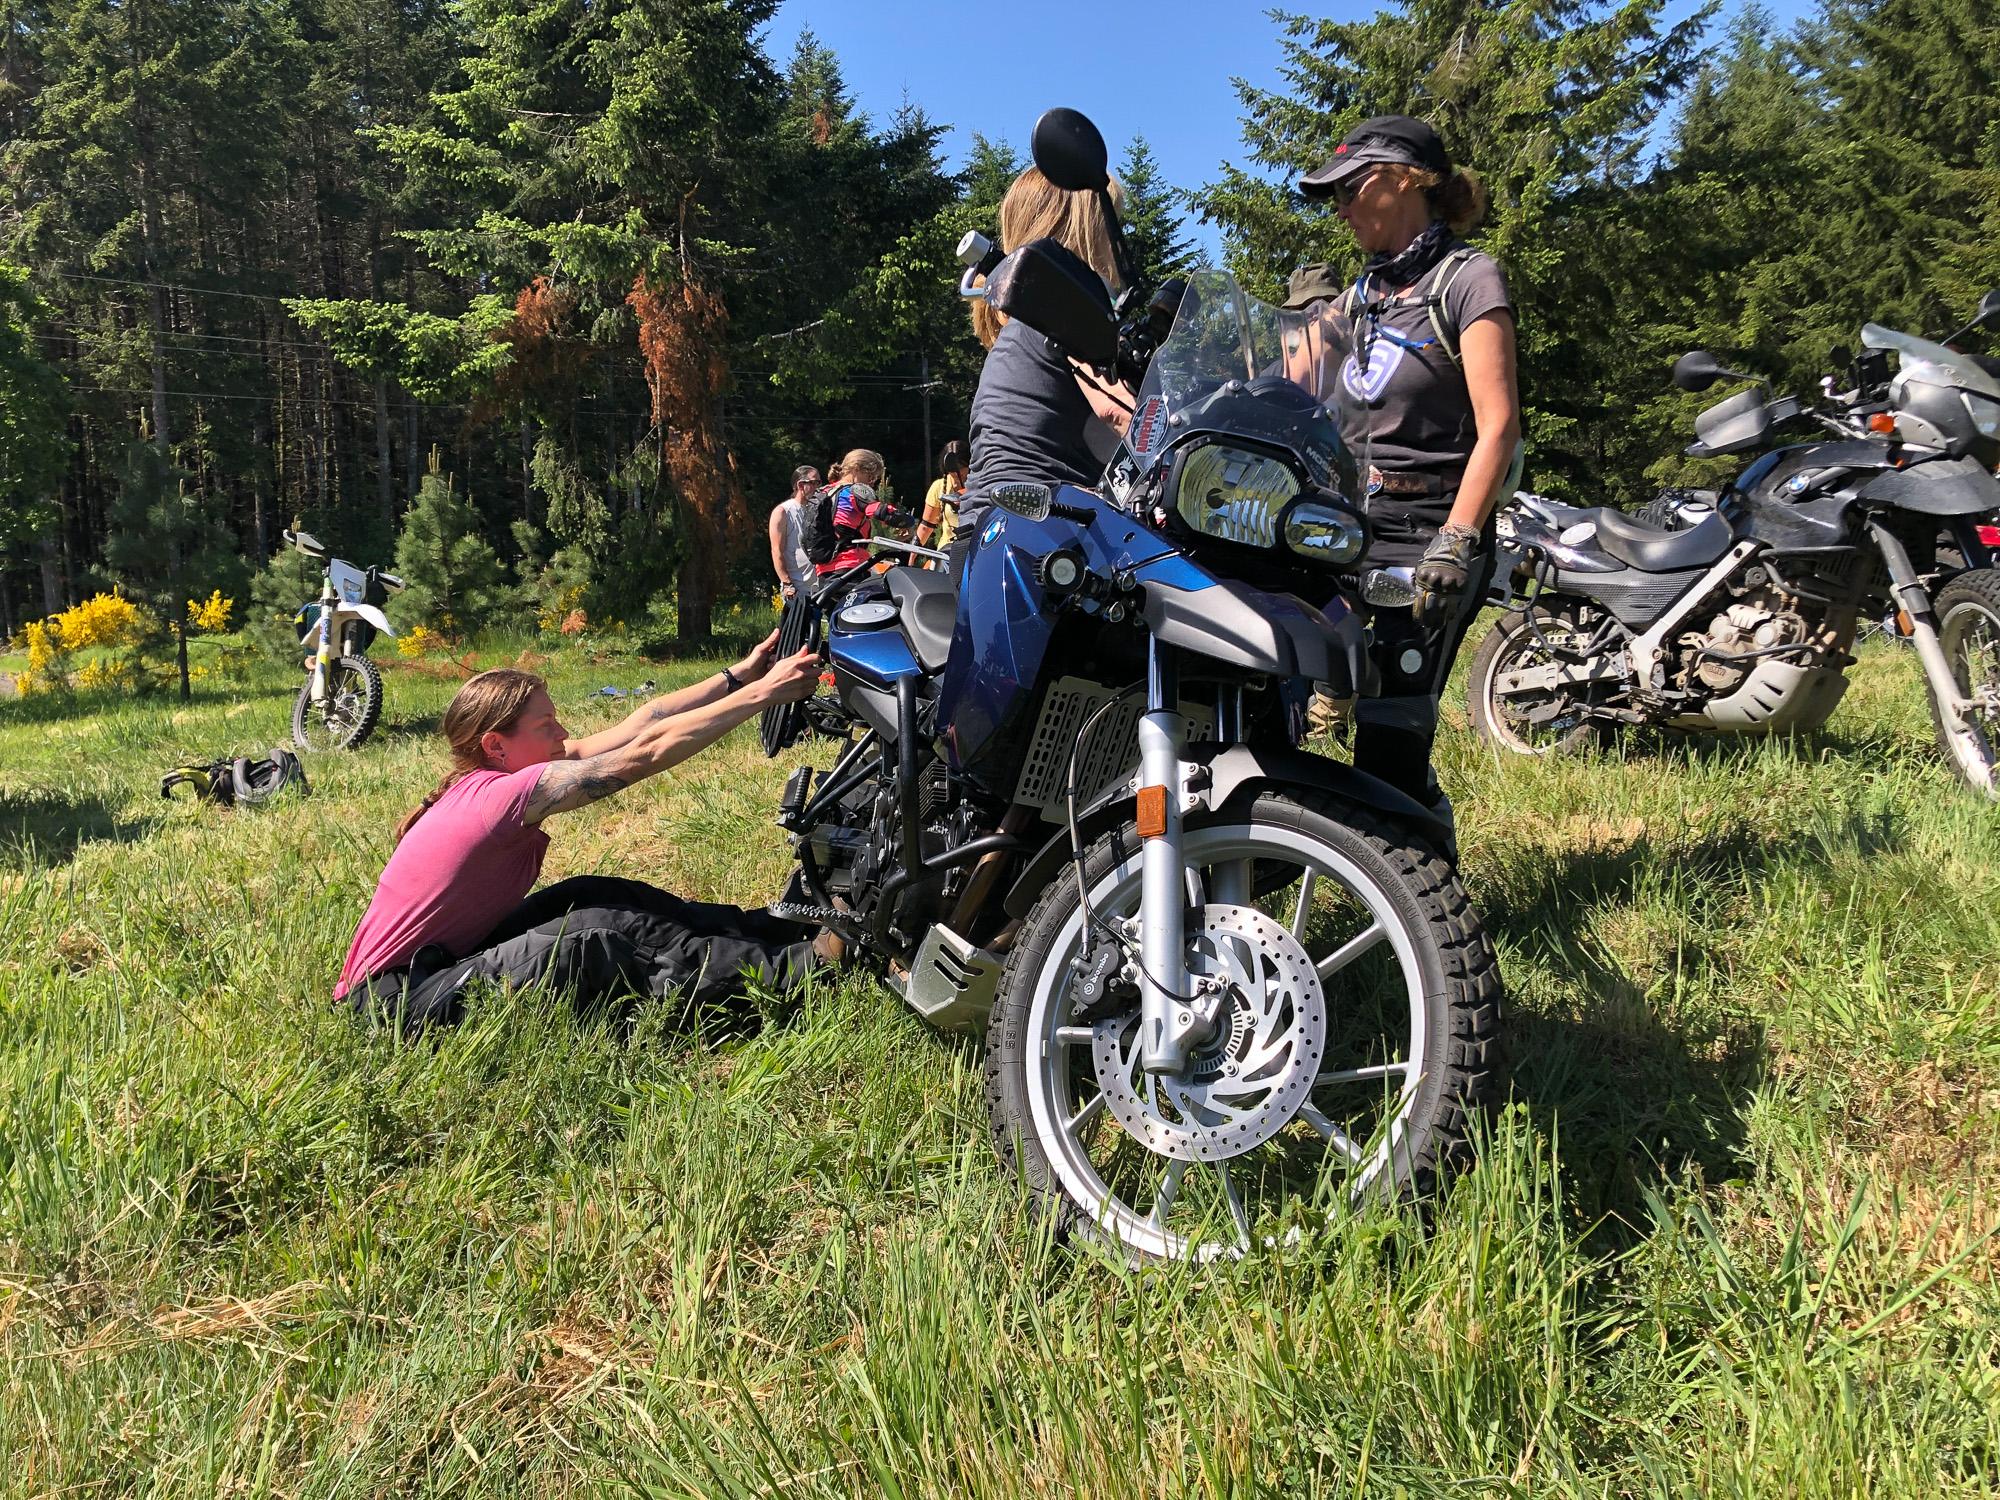 sheADV moto training course level 1/2 monkey lift